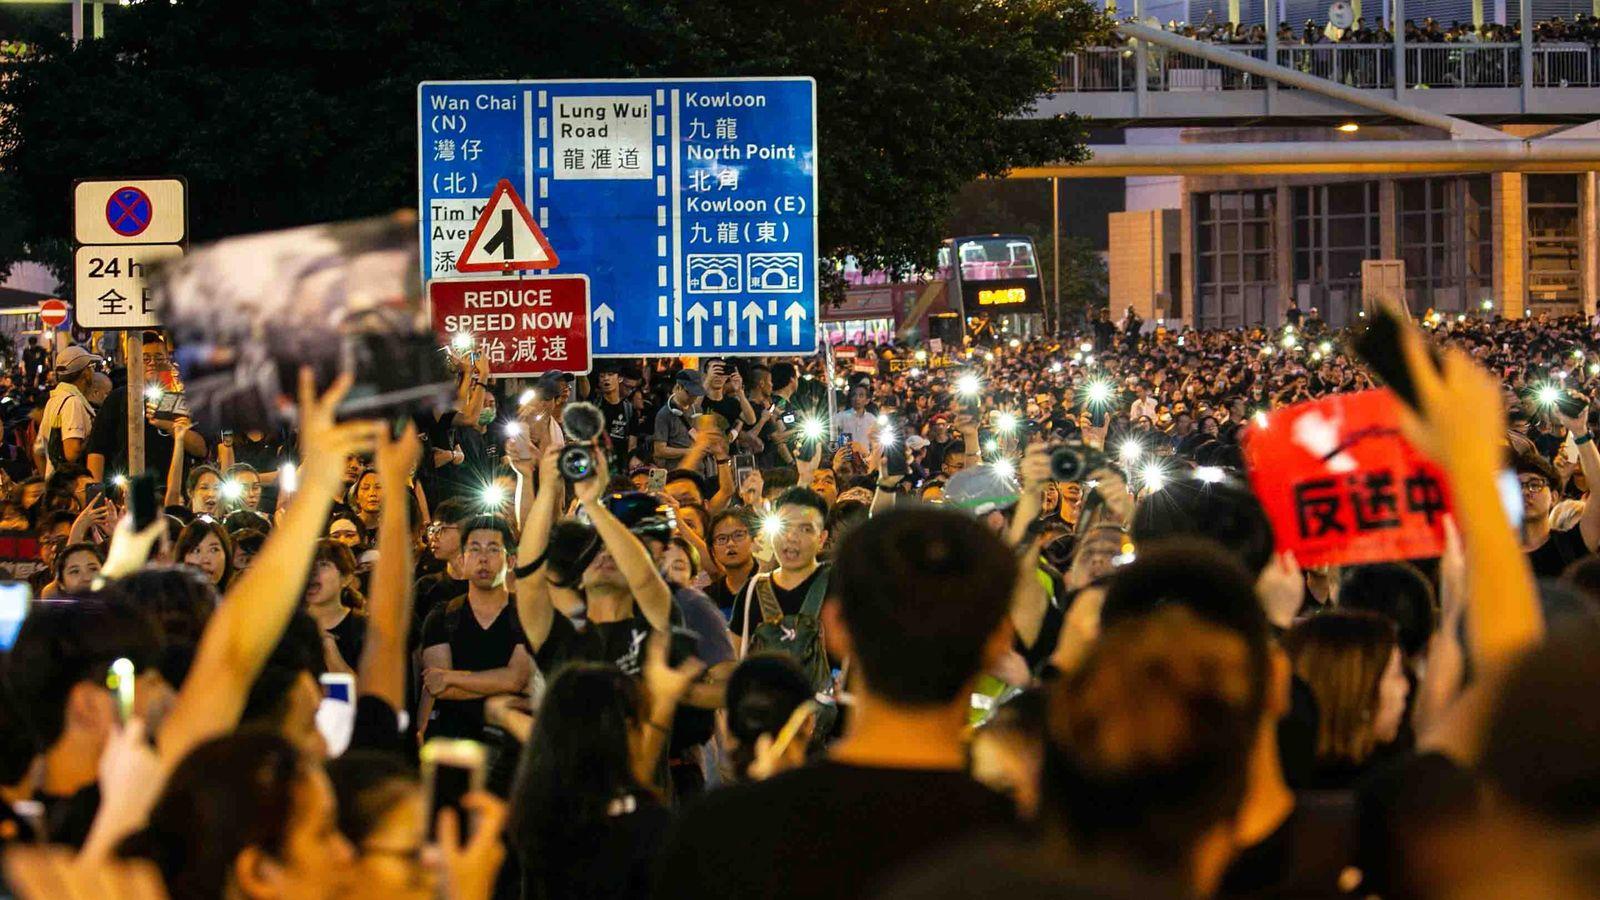 香港デモを哲学者が「もっとやれ」と煽るワケ 今まで哲学はあまりに大人しすぎた